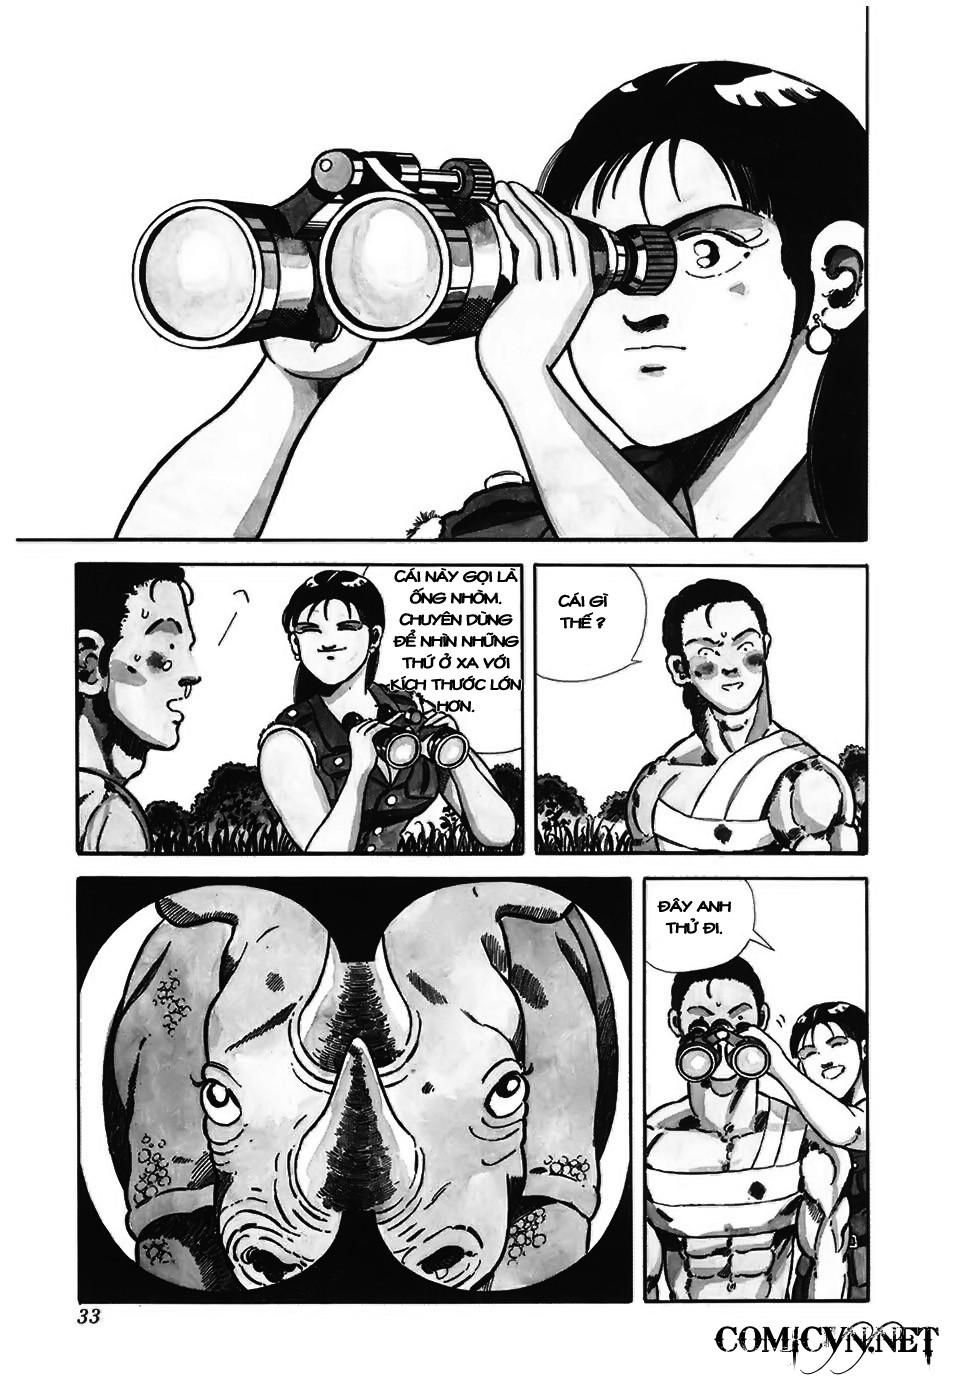 Chúa rừng Ta-chan chapter 4 trang 6